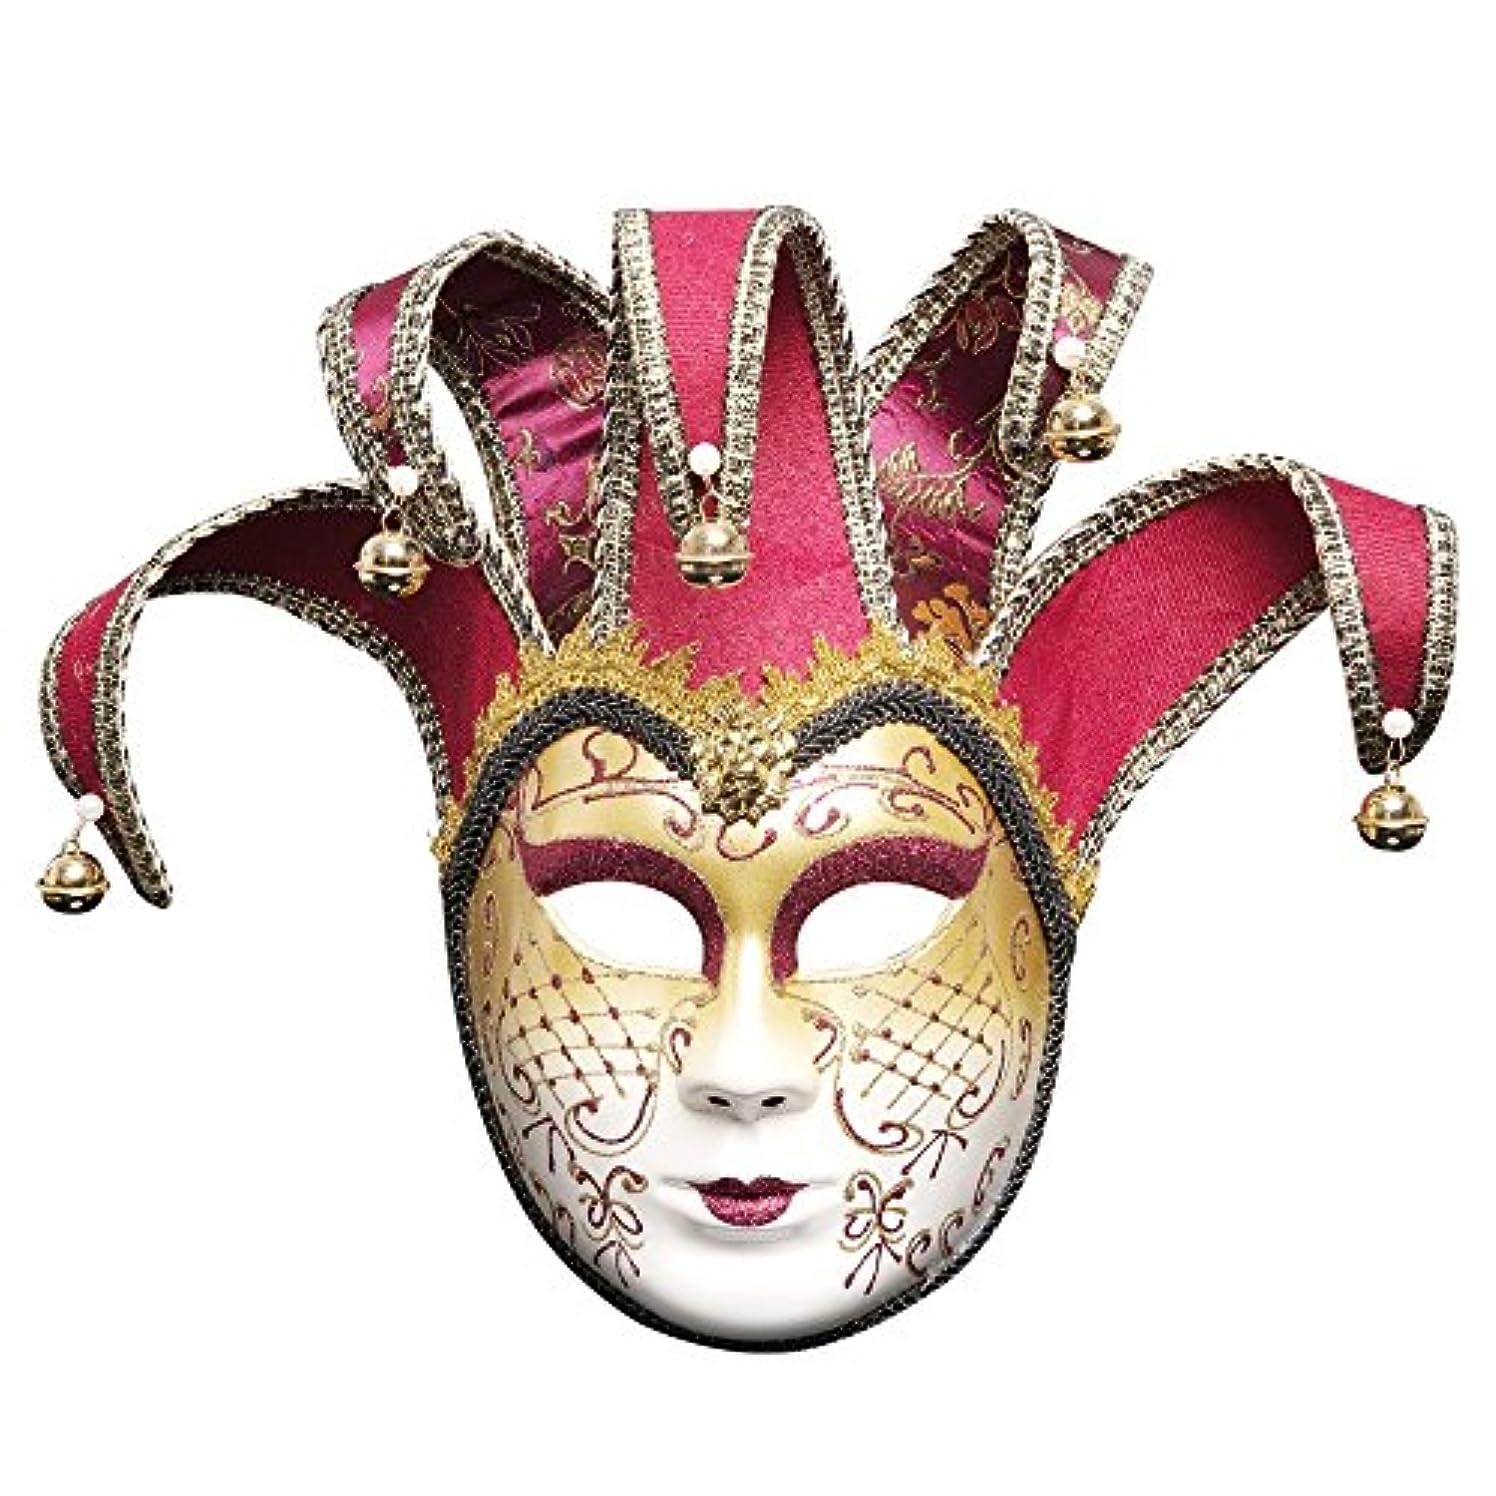 剃る楽観的アナウンサーハロウィンボールパーティーマスククリスマスクリエイティブ新しいフルフェイスメイクアップマスク (Color : A)